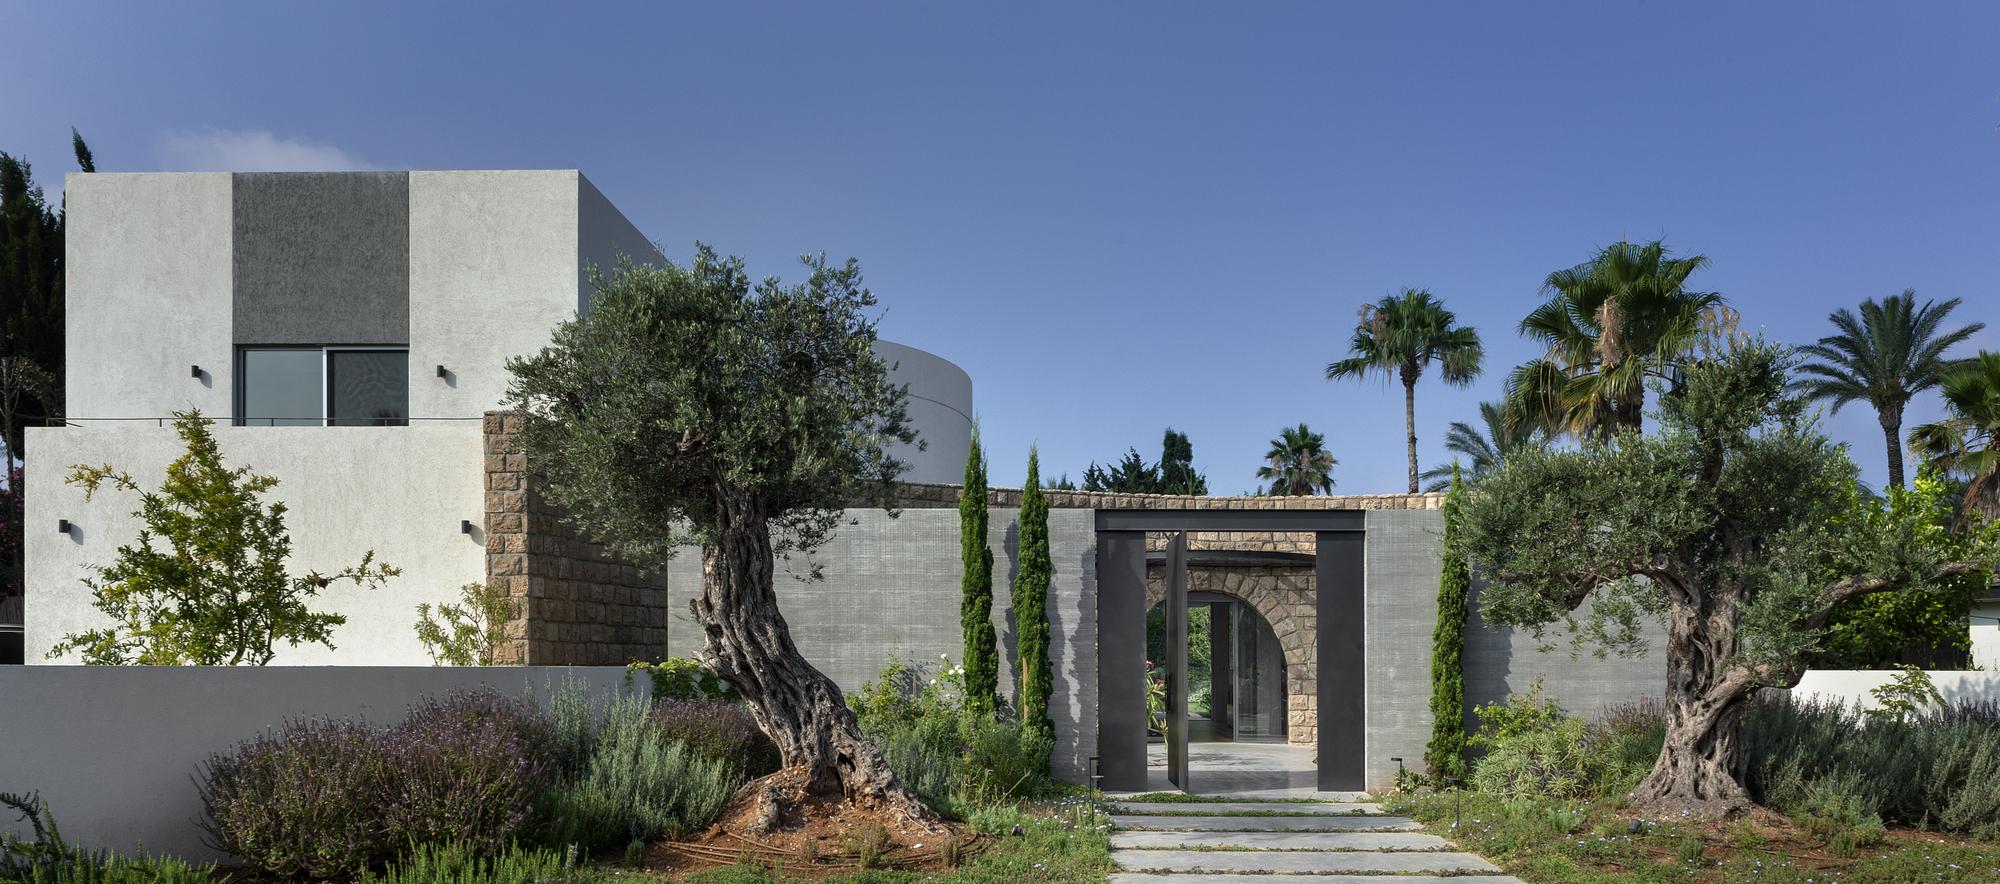 LVR House / OEA